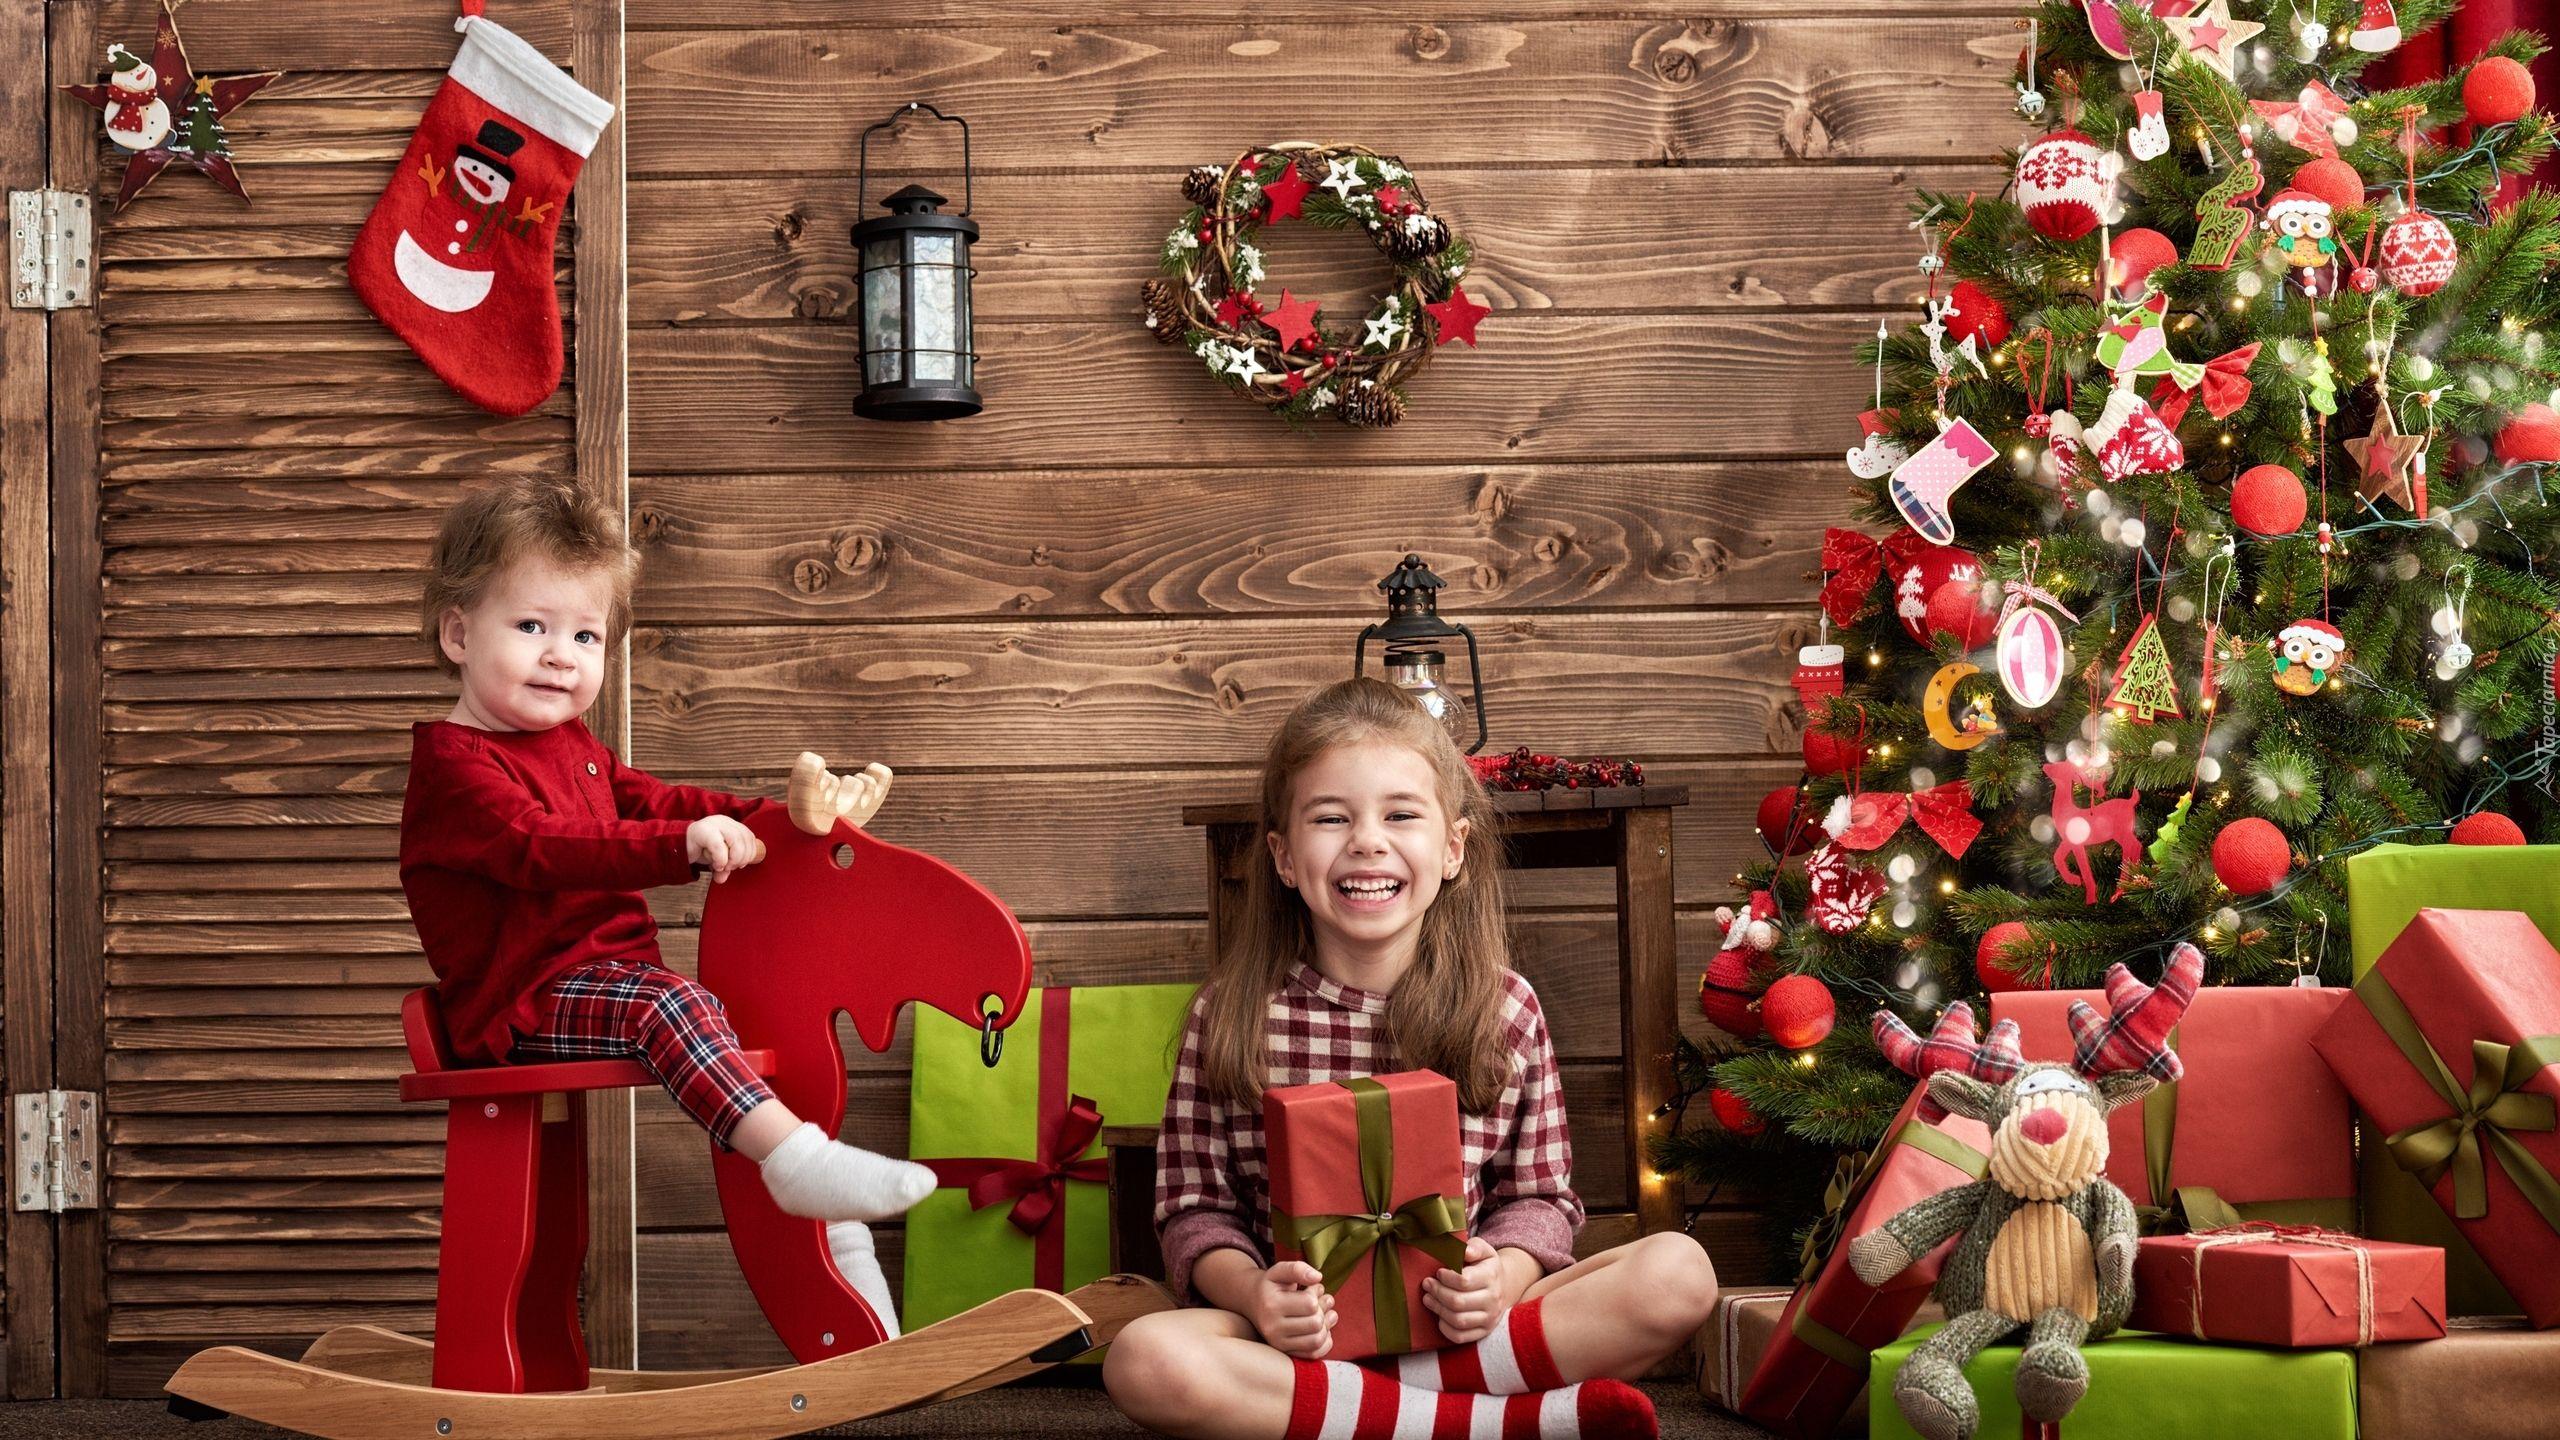 Dzieci Choinka Prezenty Boże Narodzenie Tapety